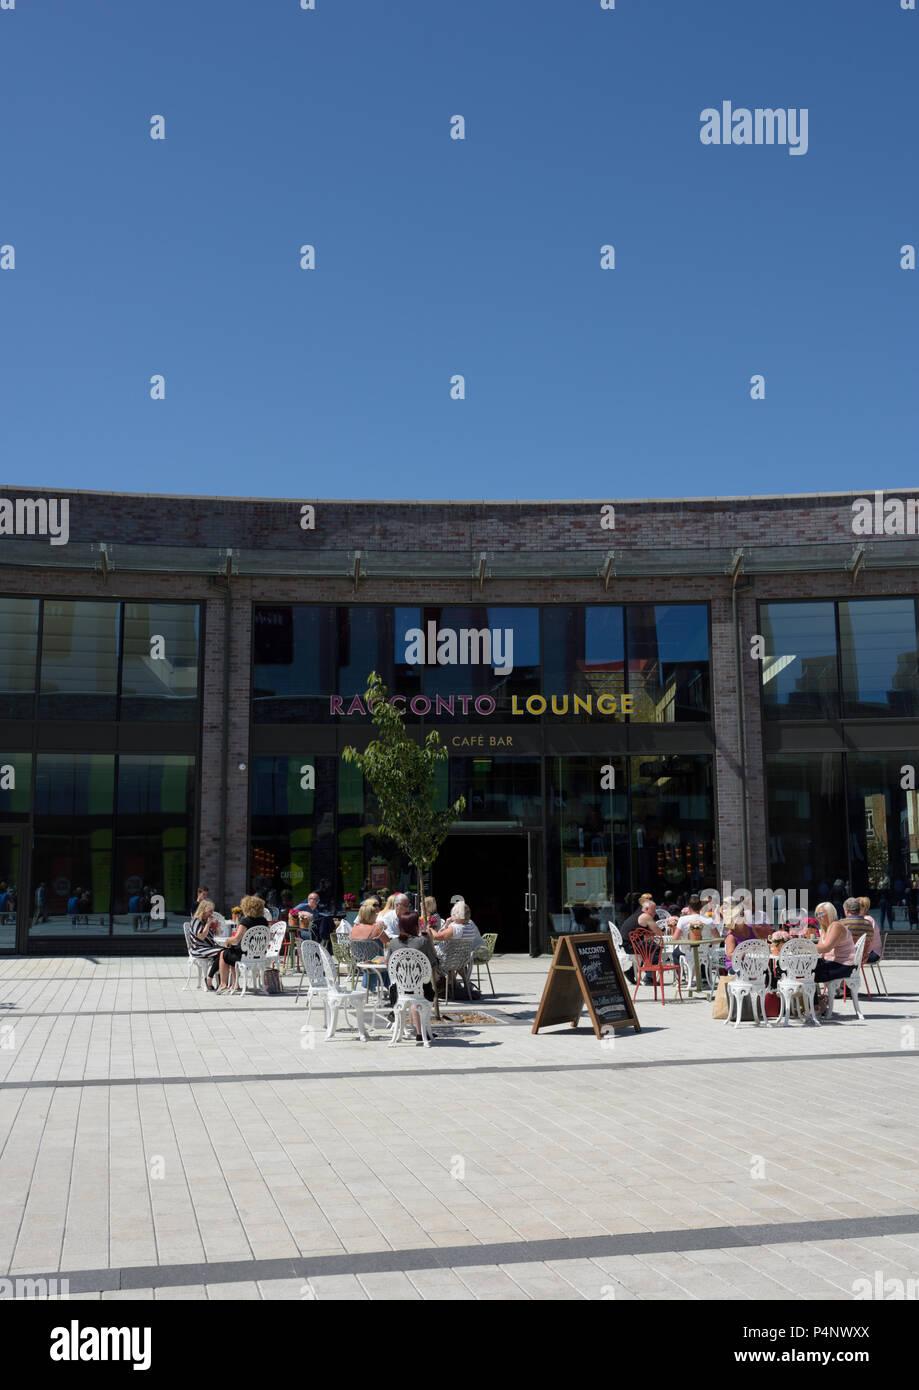 Racconto lounge, bar ristorante con gente seduta ai tavoli esterni sotto il sole a bury LANCASHIRE REGNO UNITO Immagini Stock